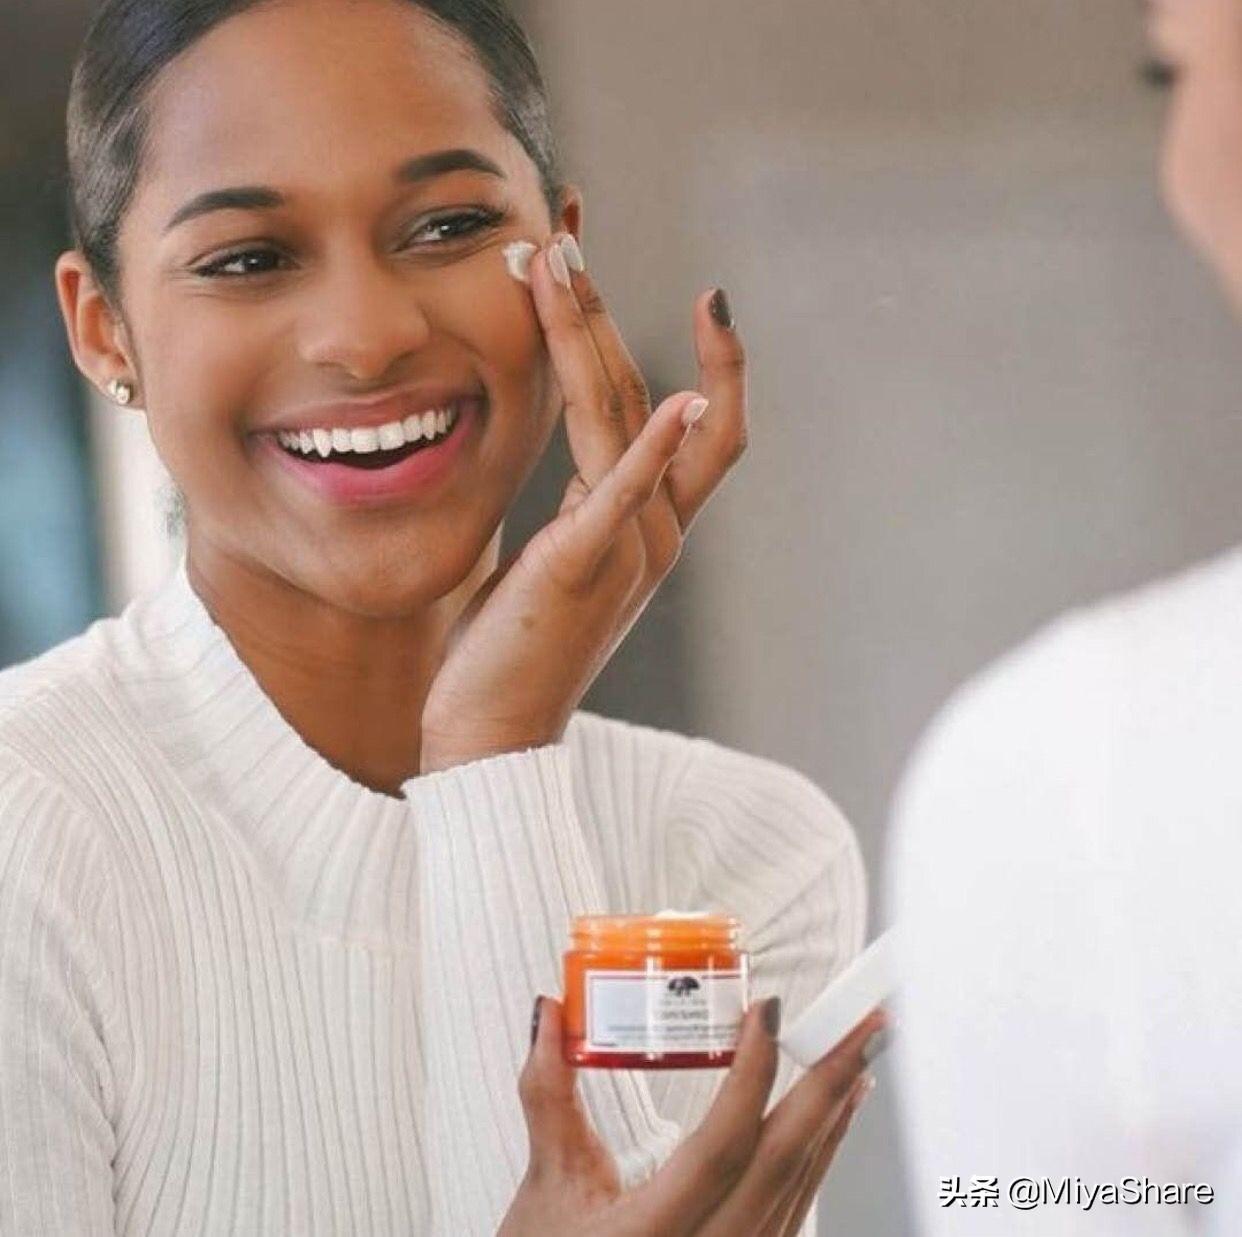 真正皮肤好的女人从不跟风买护肤品,简单2点:买啥都好用,实用